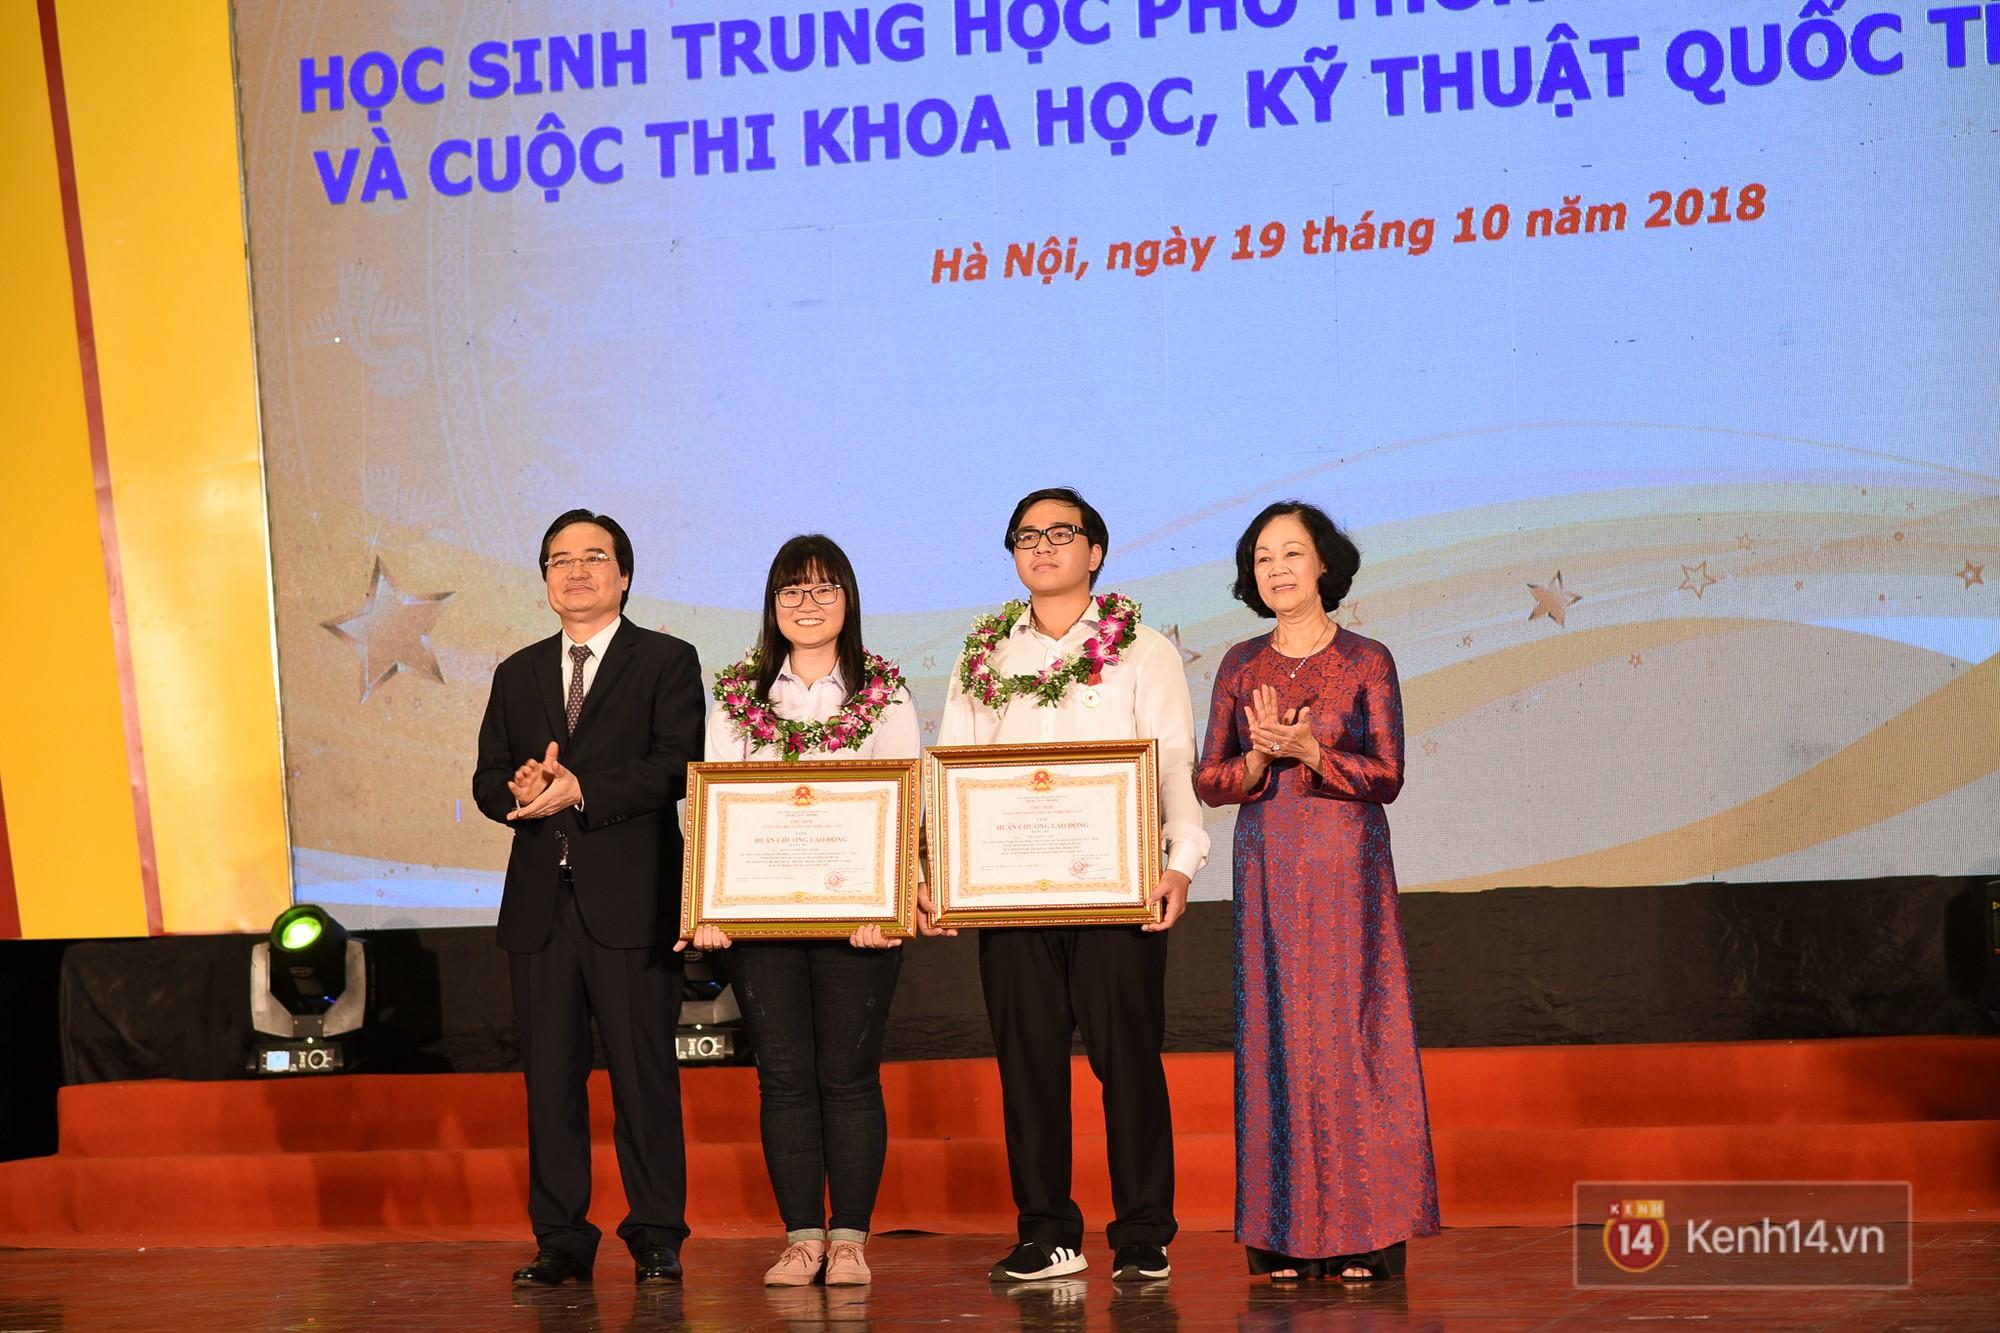 Phương Thảo đã xác lập kỷ lục thí sinh có điểm thi Olympic Sinh học Quốc tế cao nhất của Việt Nam trong suốt mấy chục năm qua